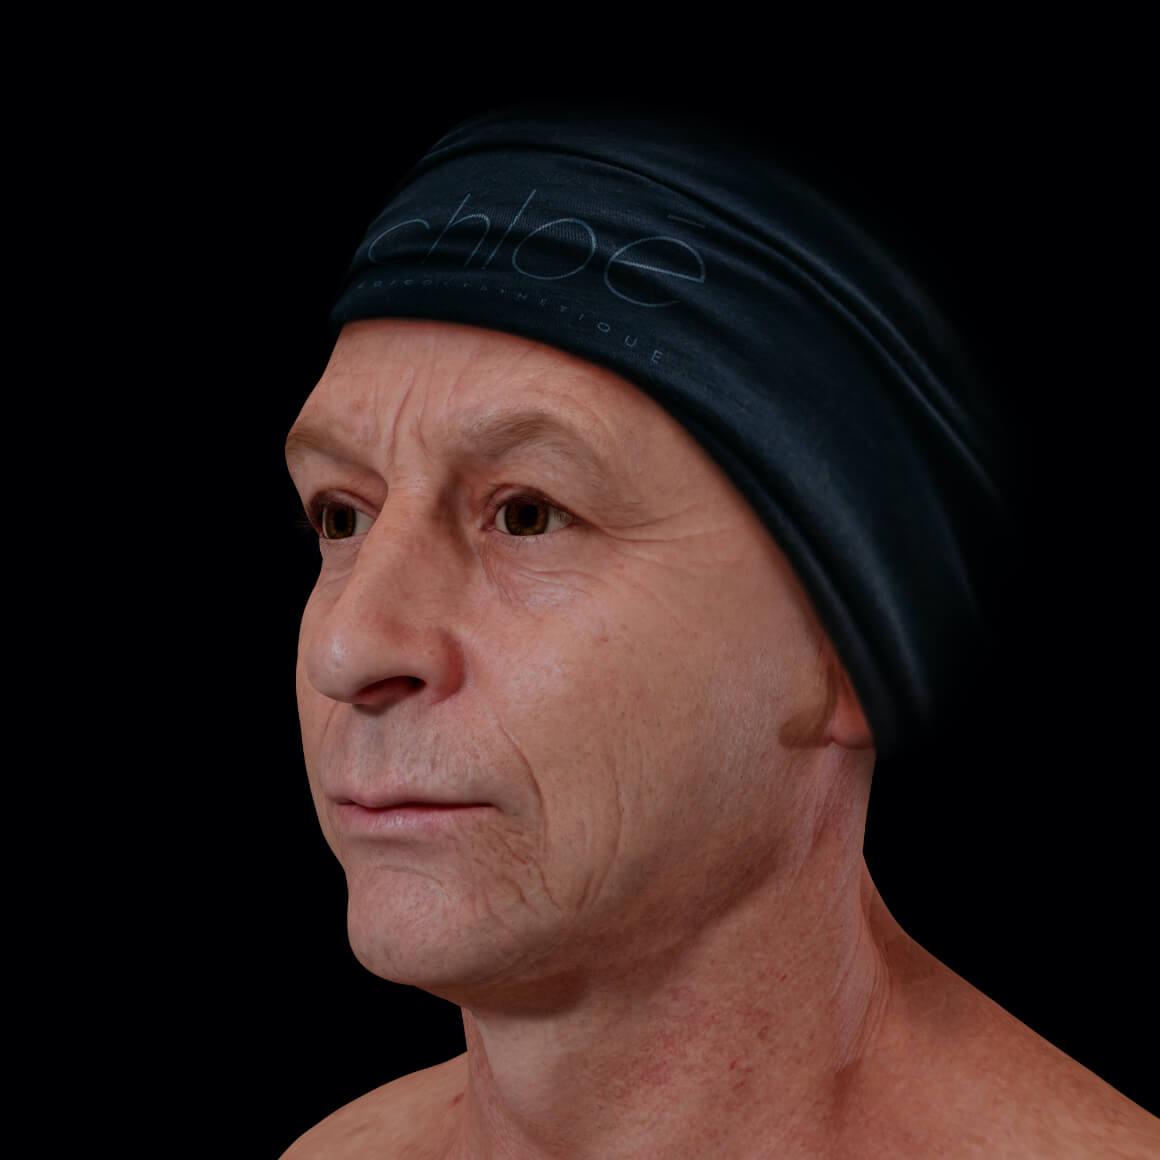 Patient de la Clinique Chloé positionné en angle montrant un relâchement cutané du visage